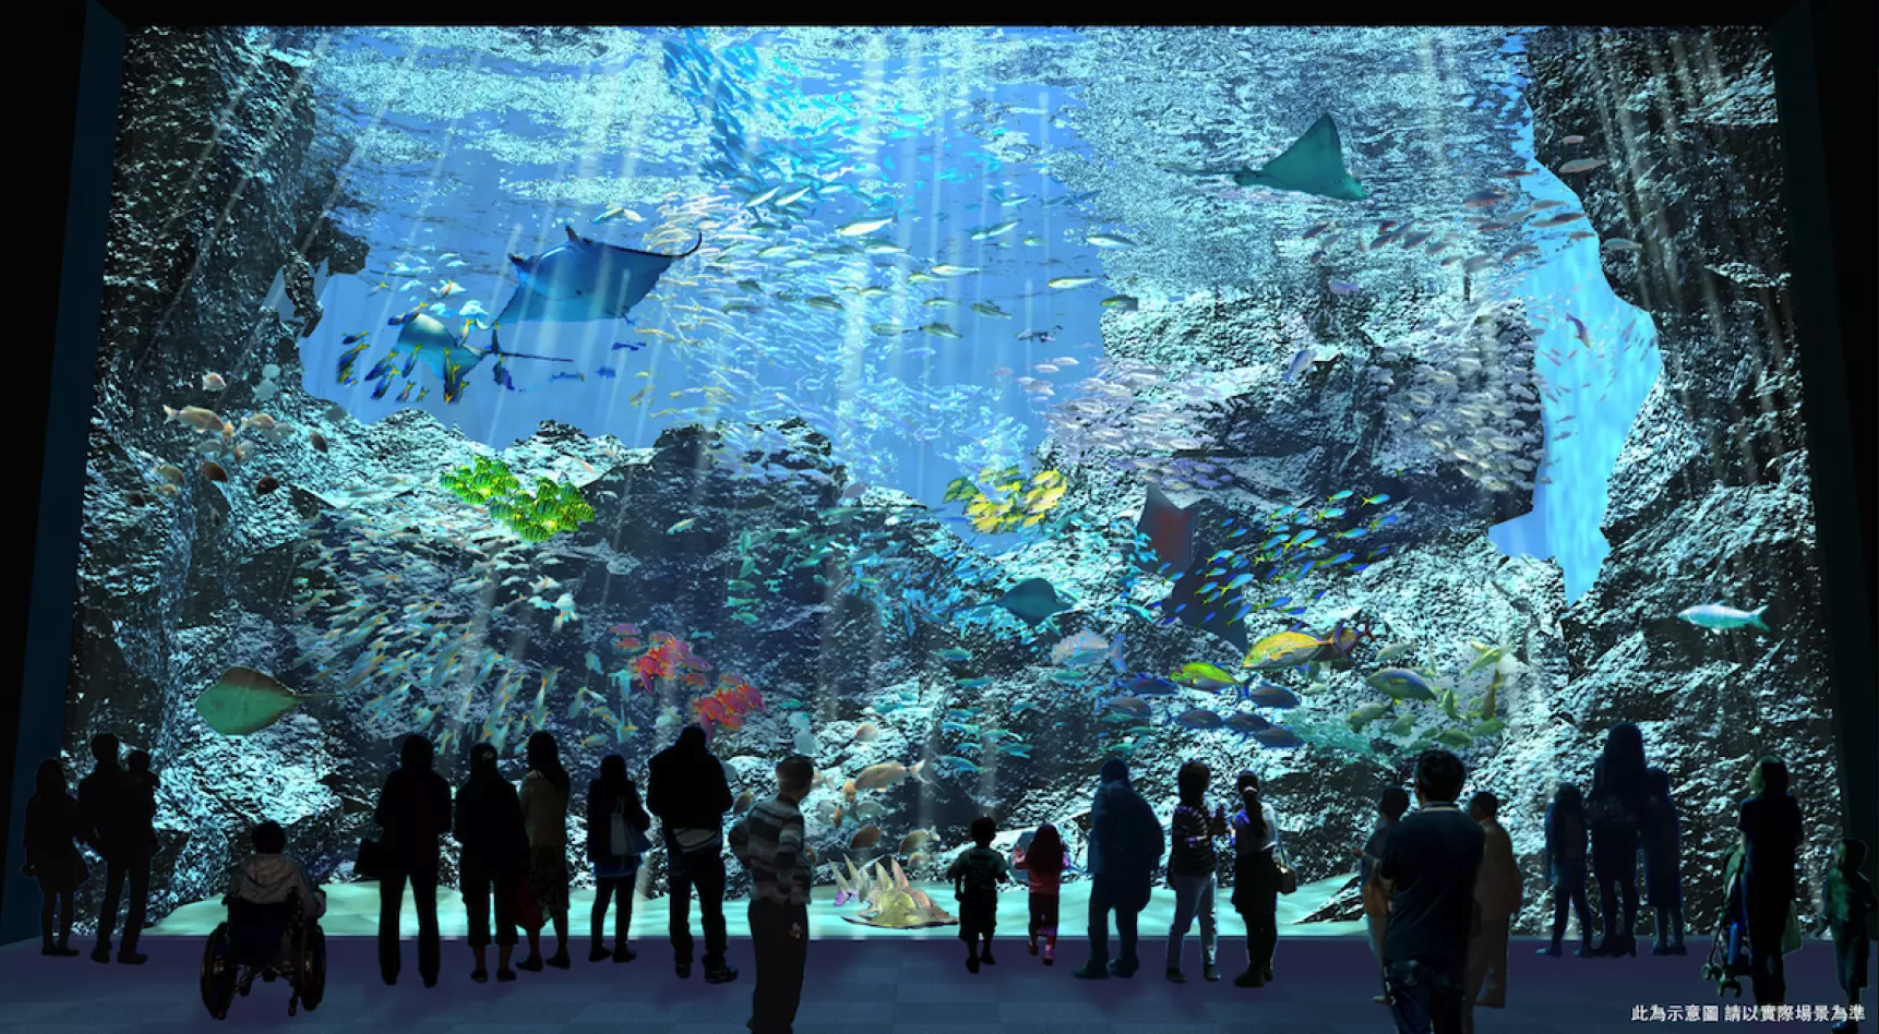 【2020桃園新景點】青埔Xpark水族館| 都會型水生公園|KKDAY、KLOOK線上門票優惠票卷 @GINA LIN